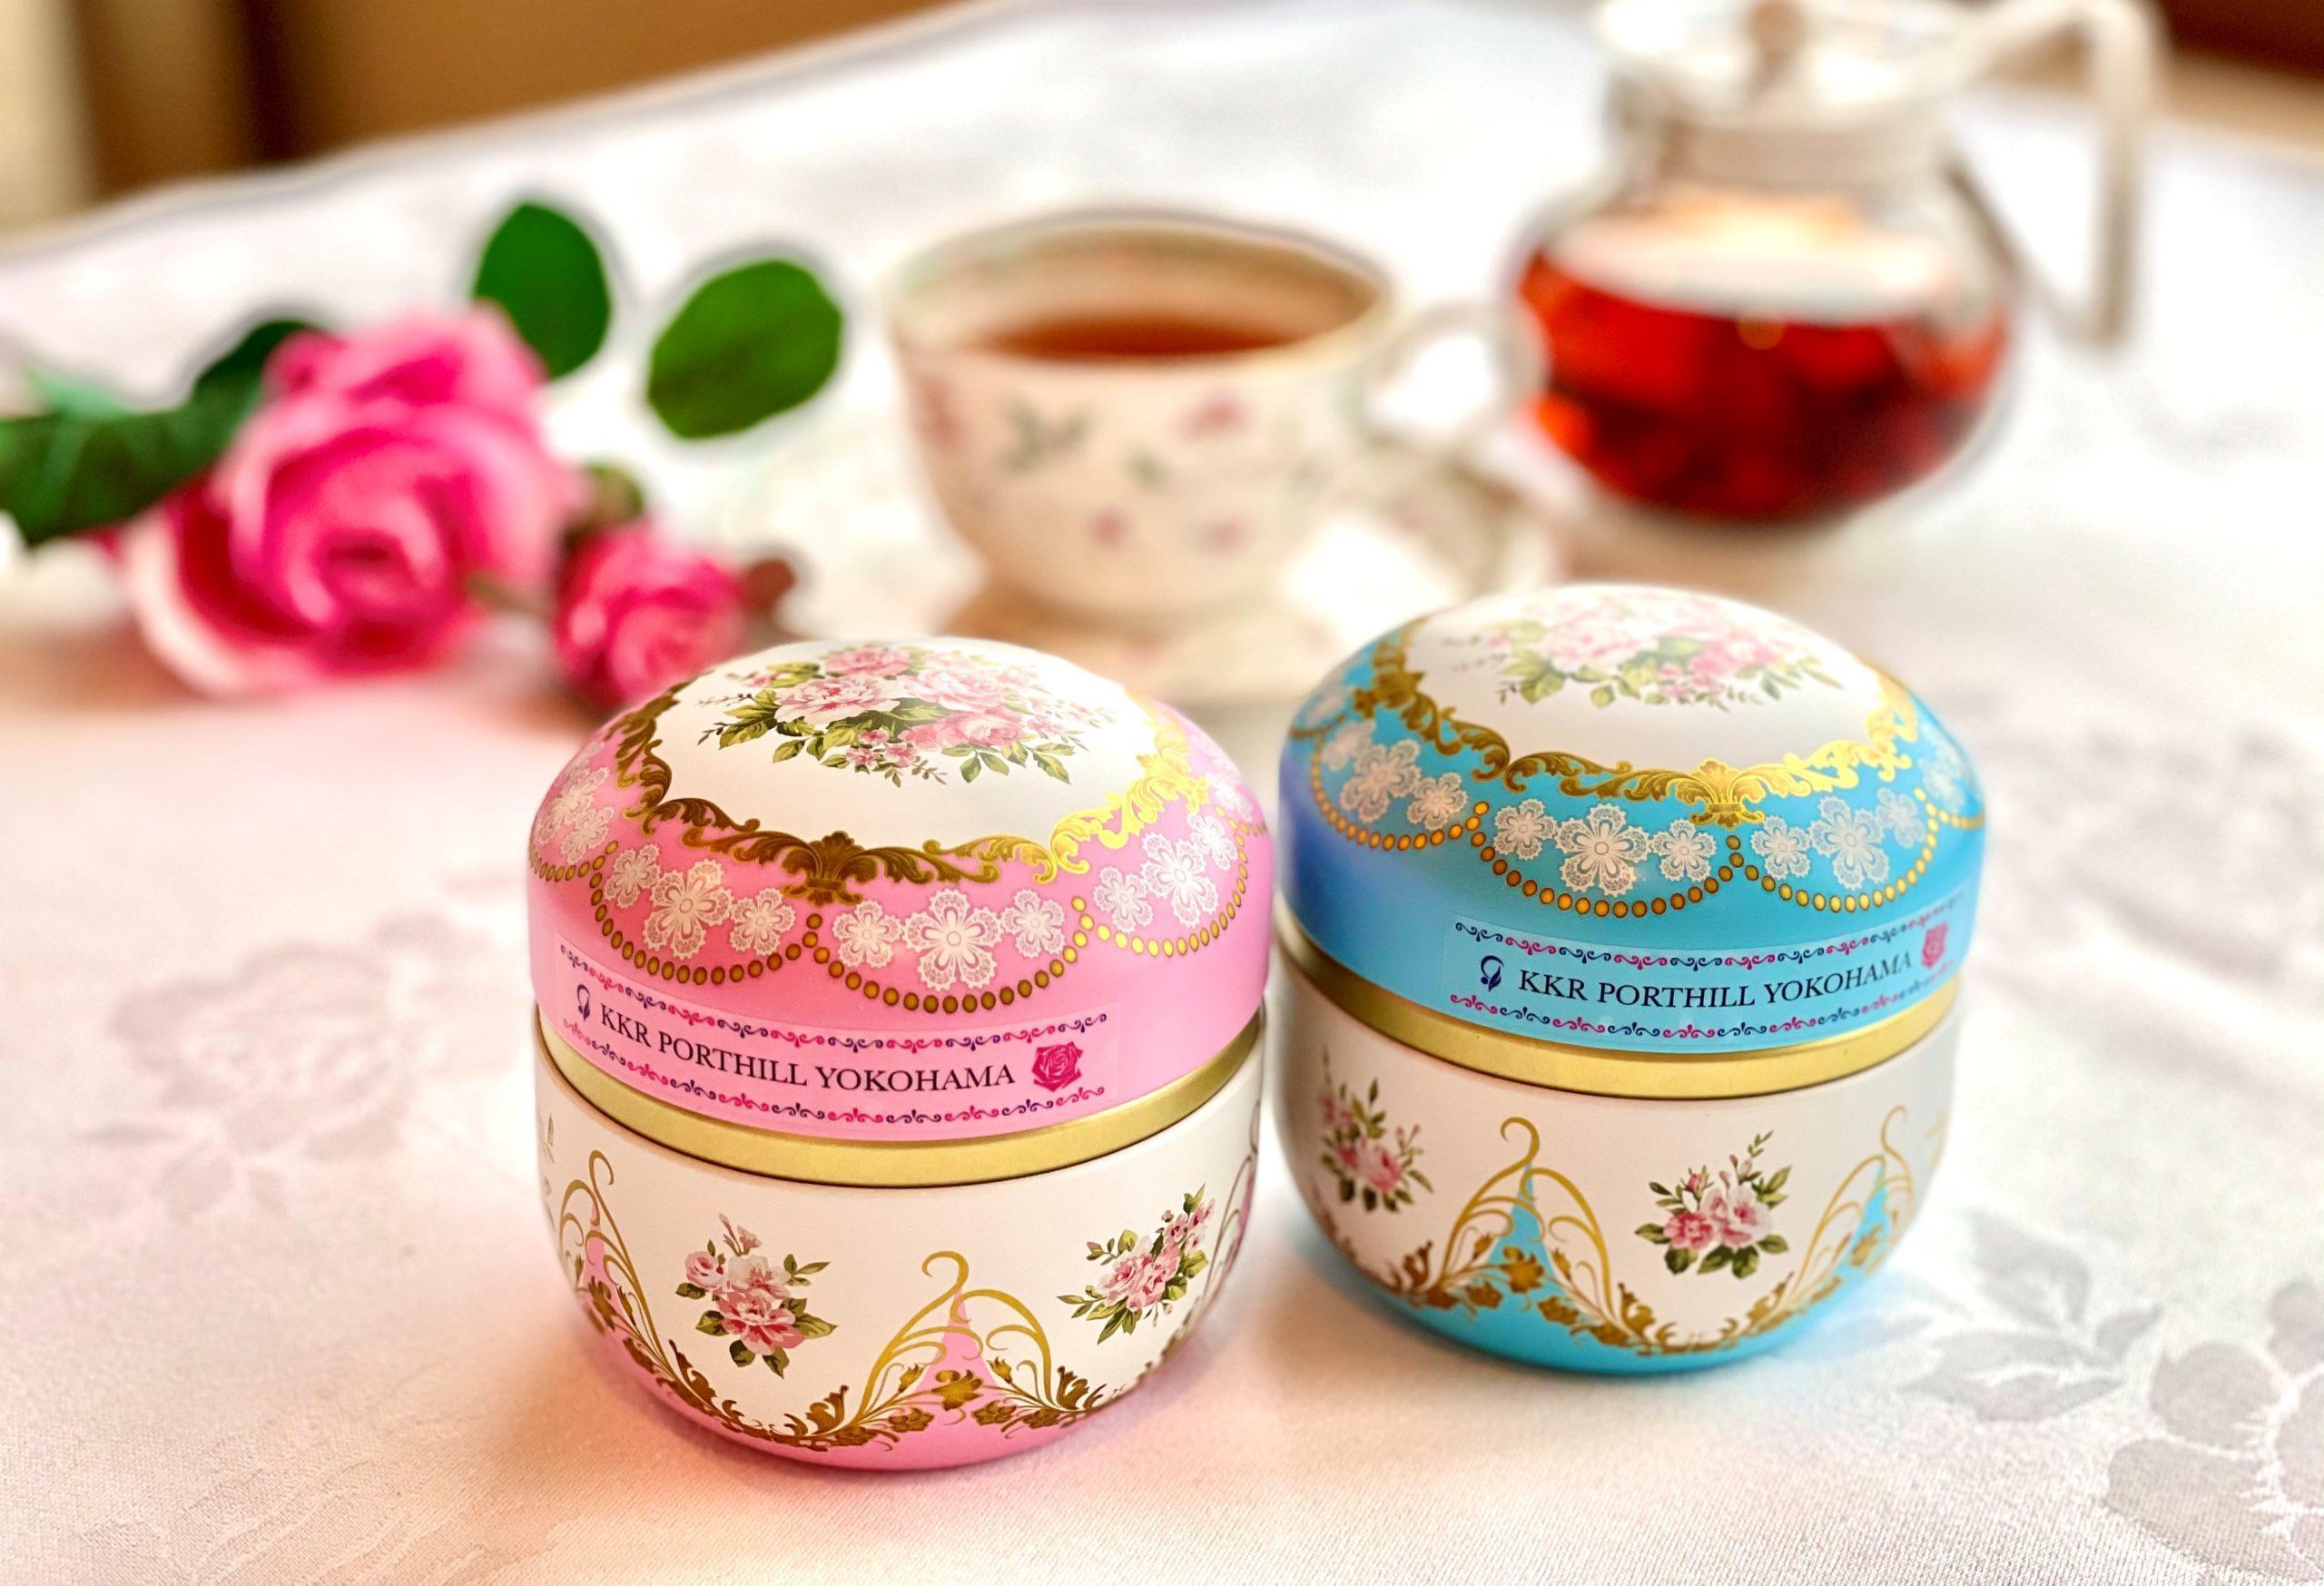 ほのかに香る薔薇の紅茶<br>「ローズティー」<br>香り高く優雅な味わい<br>「セーデルティー」